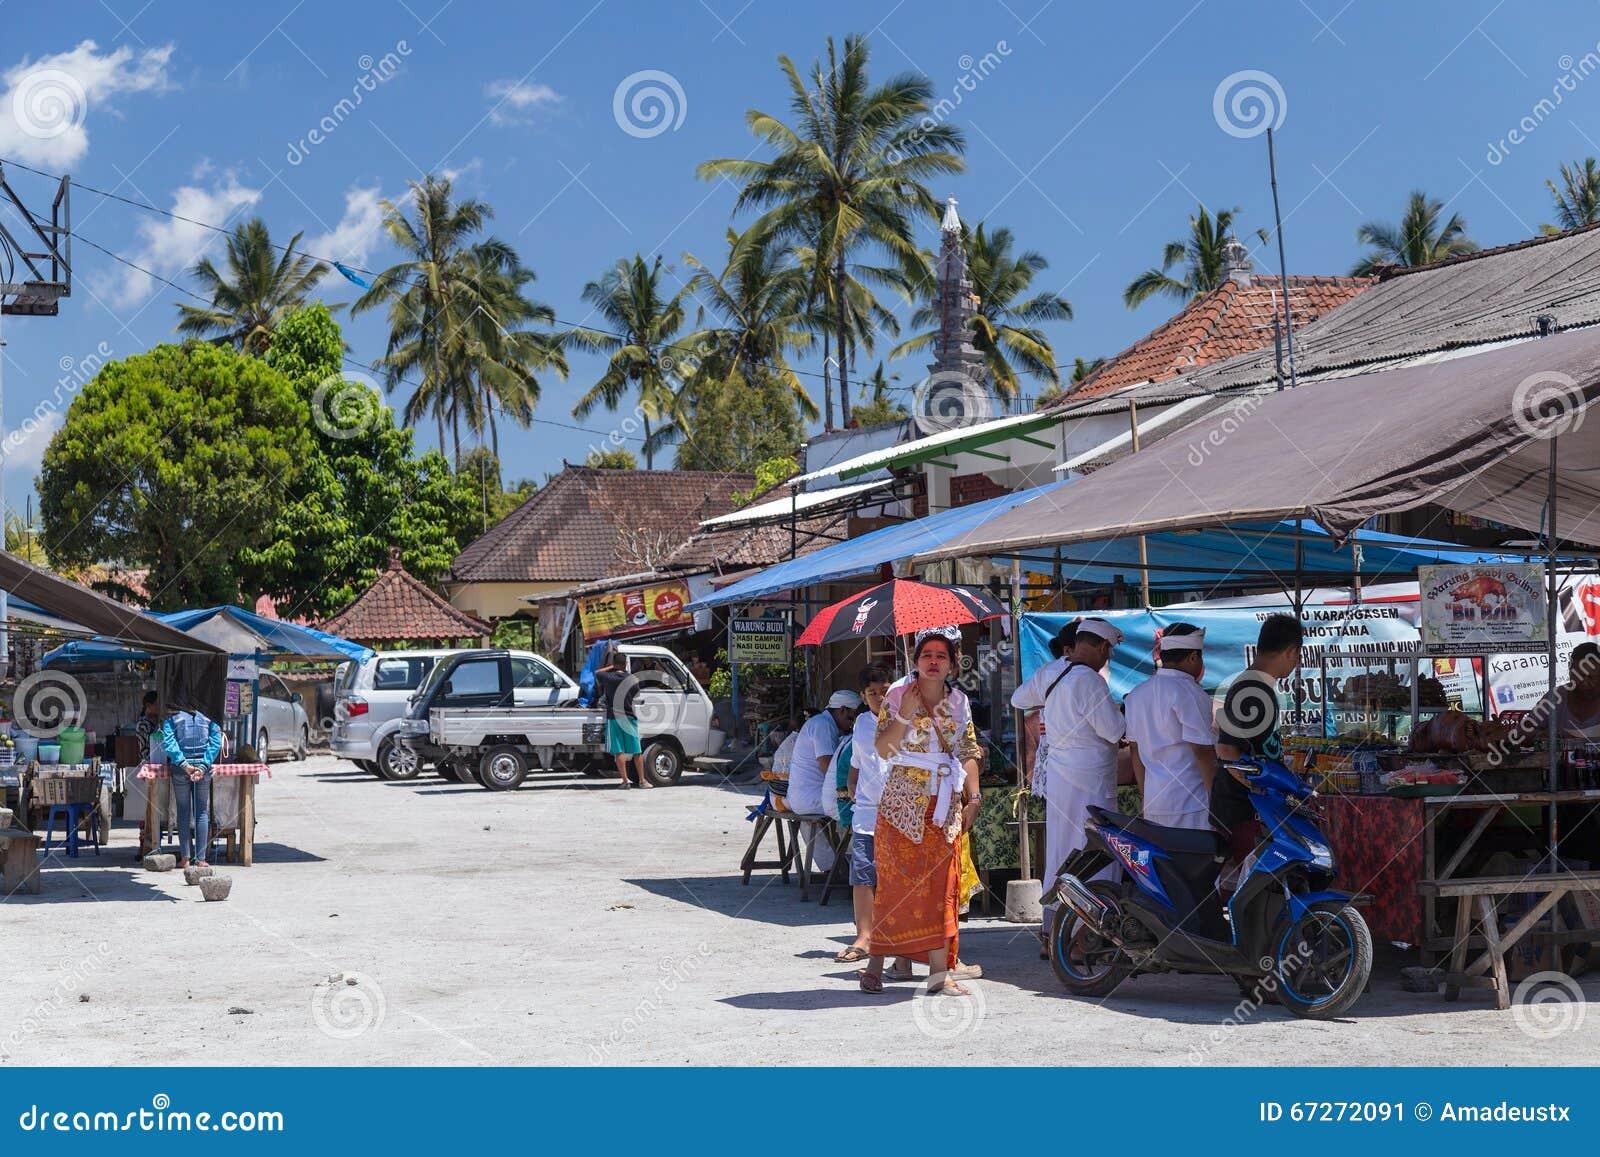 Dorf von Besakih, Bali/Indonesien - circa im Oktober 2015: Straßenrandrestaurant am Dorfmarkt in Bali, Indonesien